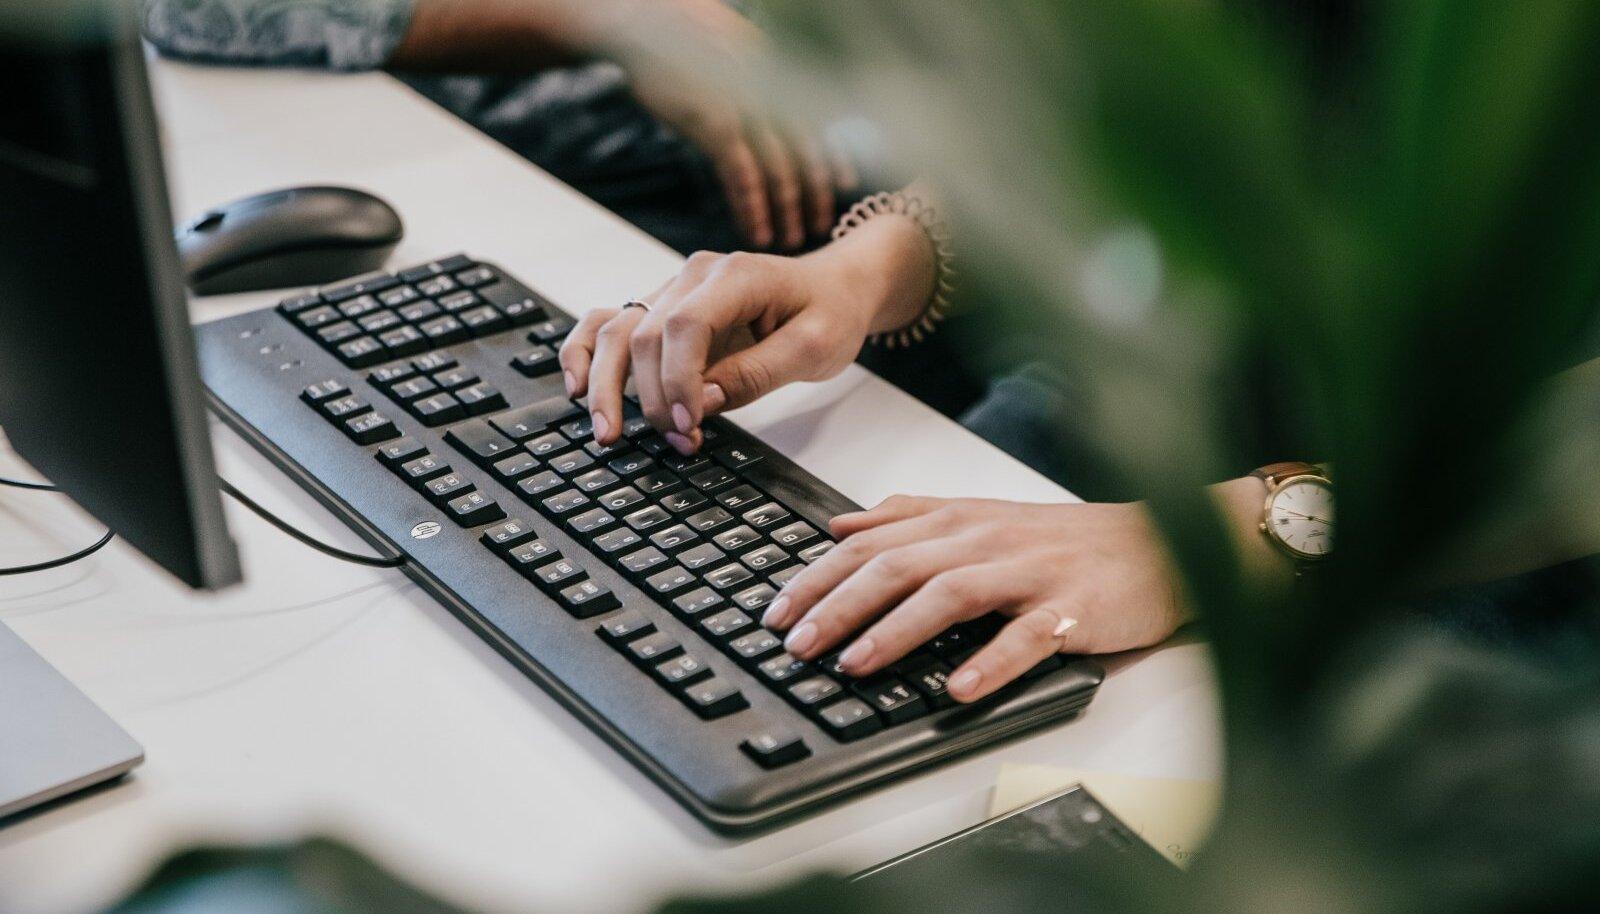 Tasub meeles pidada, et kommenteerijate IP-aadressid on meediamajadele kergelt kättesaadavad.